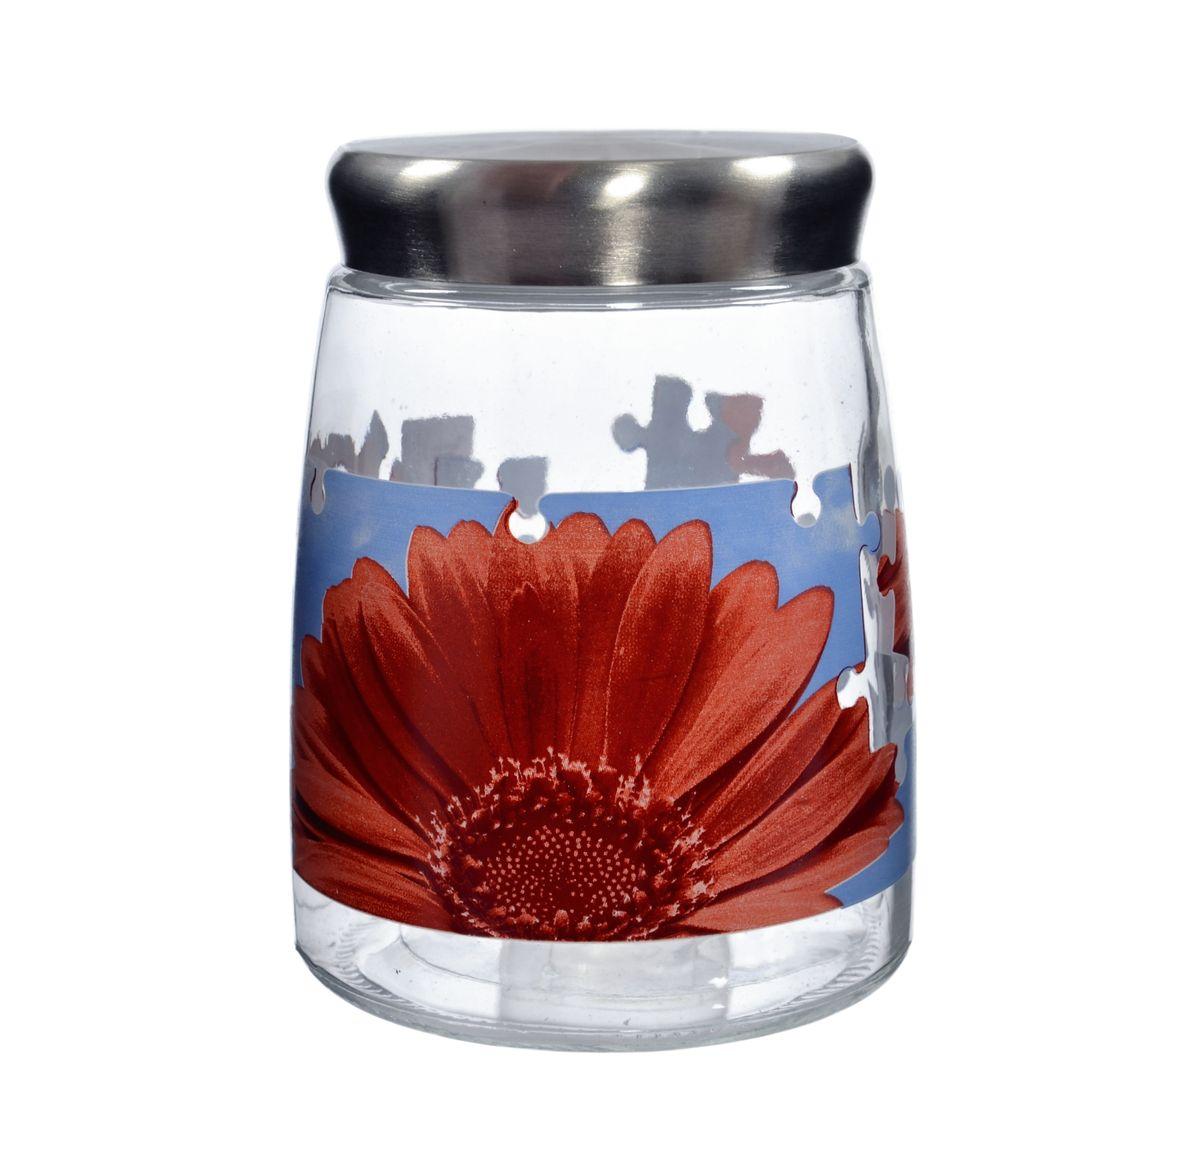 Банка для сыпучих продуктов Cerve Пазл гербера, цвет: прозрачный, красный, 1,38 лCEM42290Банка для сыпучих продуктов Cerve Пазл гербера изготовлена из прочного стекла и декорирована красочным рисунком. Банка оснащена плотно закрывающейся металлической крышкой. Благодаря этому внутри сохраняется герметичность, и продукты дольше остаются свежими. Изделие предназначено для хранения различных сыпучих продуктов: круп, чая, сахара, орехов и многого другого. Функциональная и вместительная, такая банка станет незаменимым аксессуаром на любой кухне. Не рекомендуется мыть в посудомоечной машине.Диаметр (по верхнему краю): 8,5 см.Высота банки (без учета крышки): 16 см.